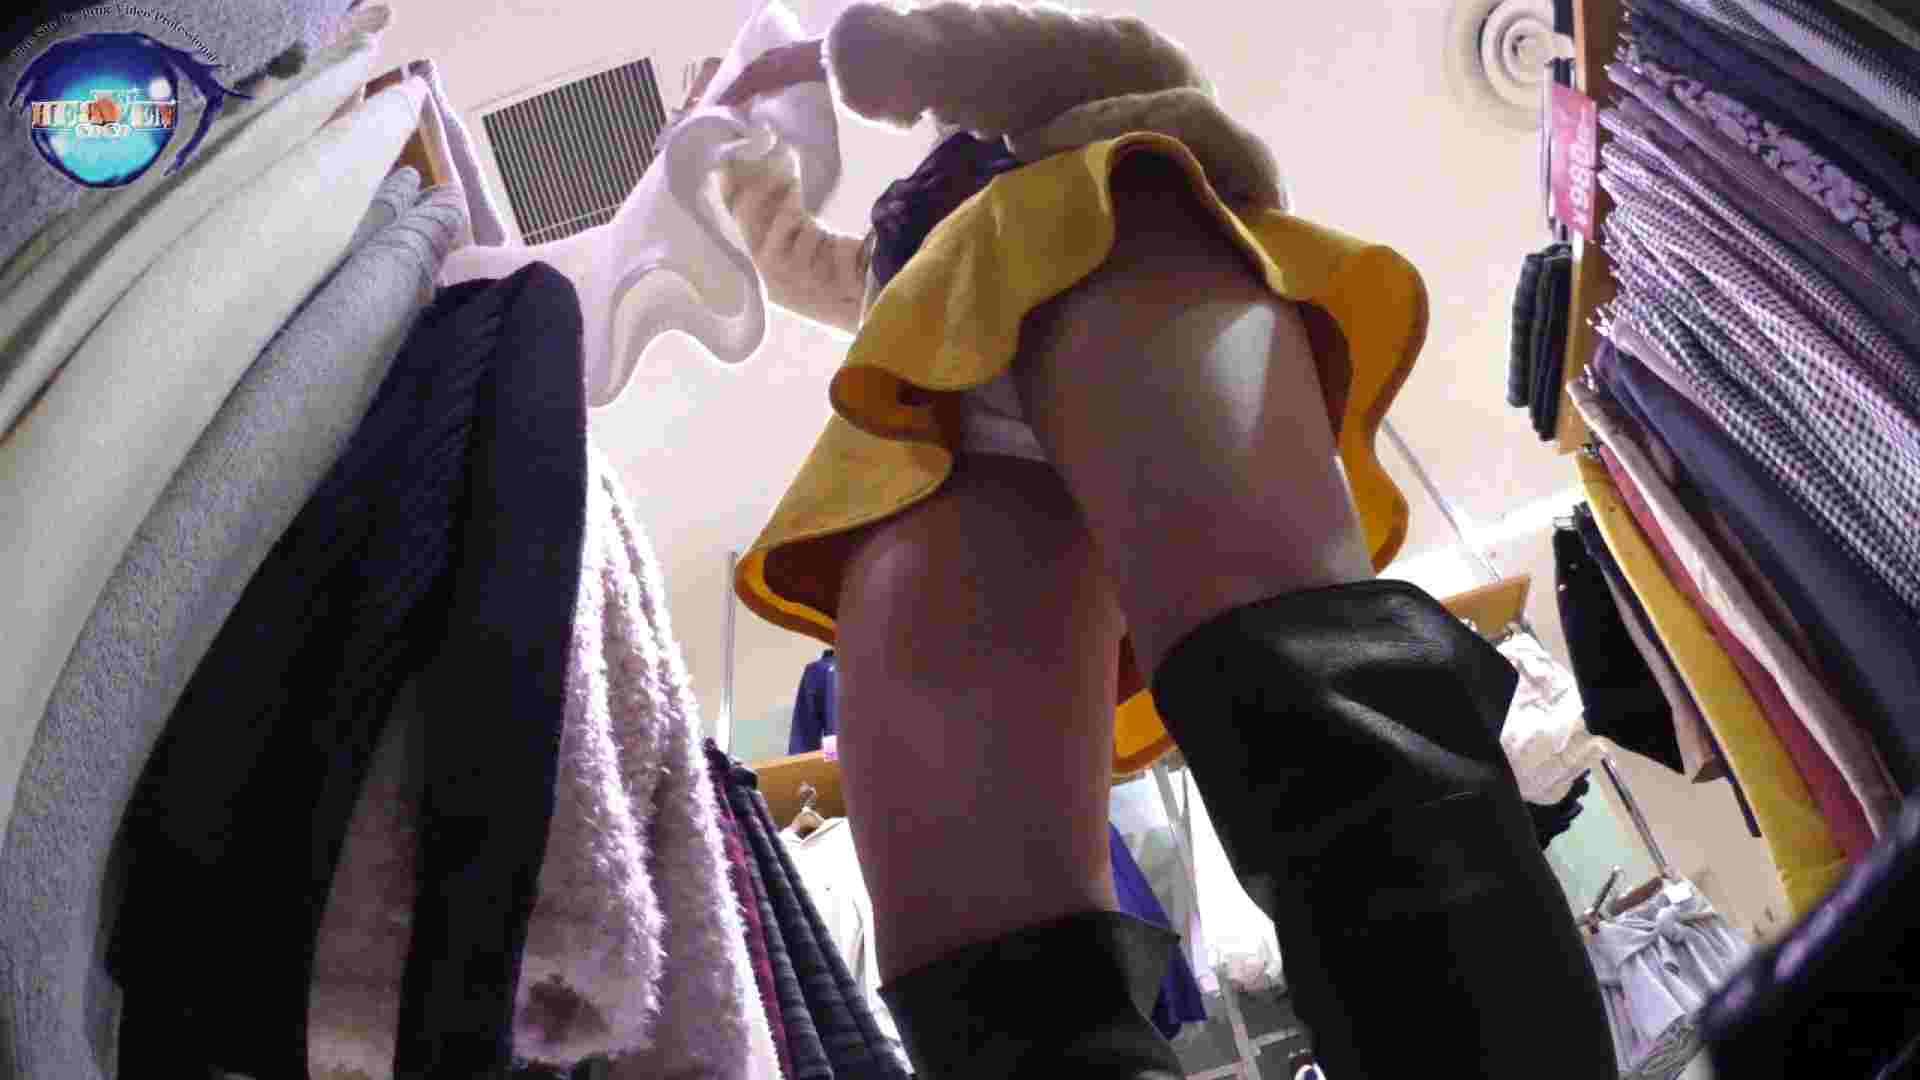 雅さんの独断と偏見で集めた動画 teenパンチラ編vol.3 エロいギャル ワレメ無修正動画無料 10枚 10